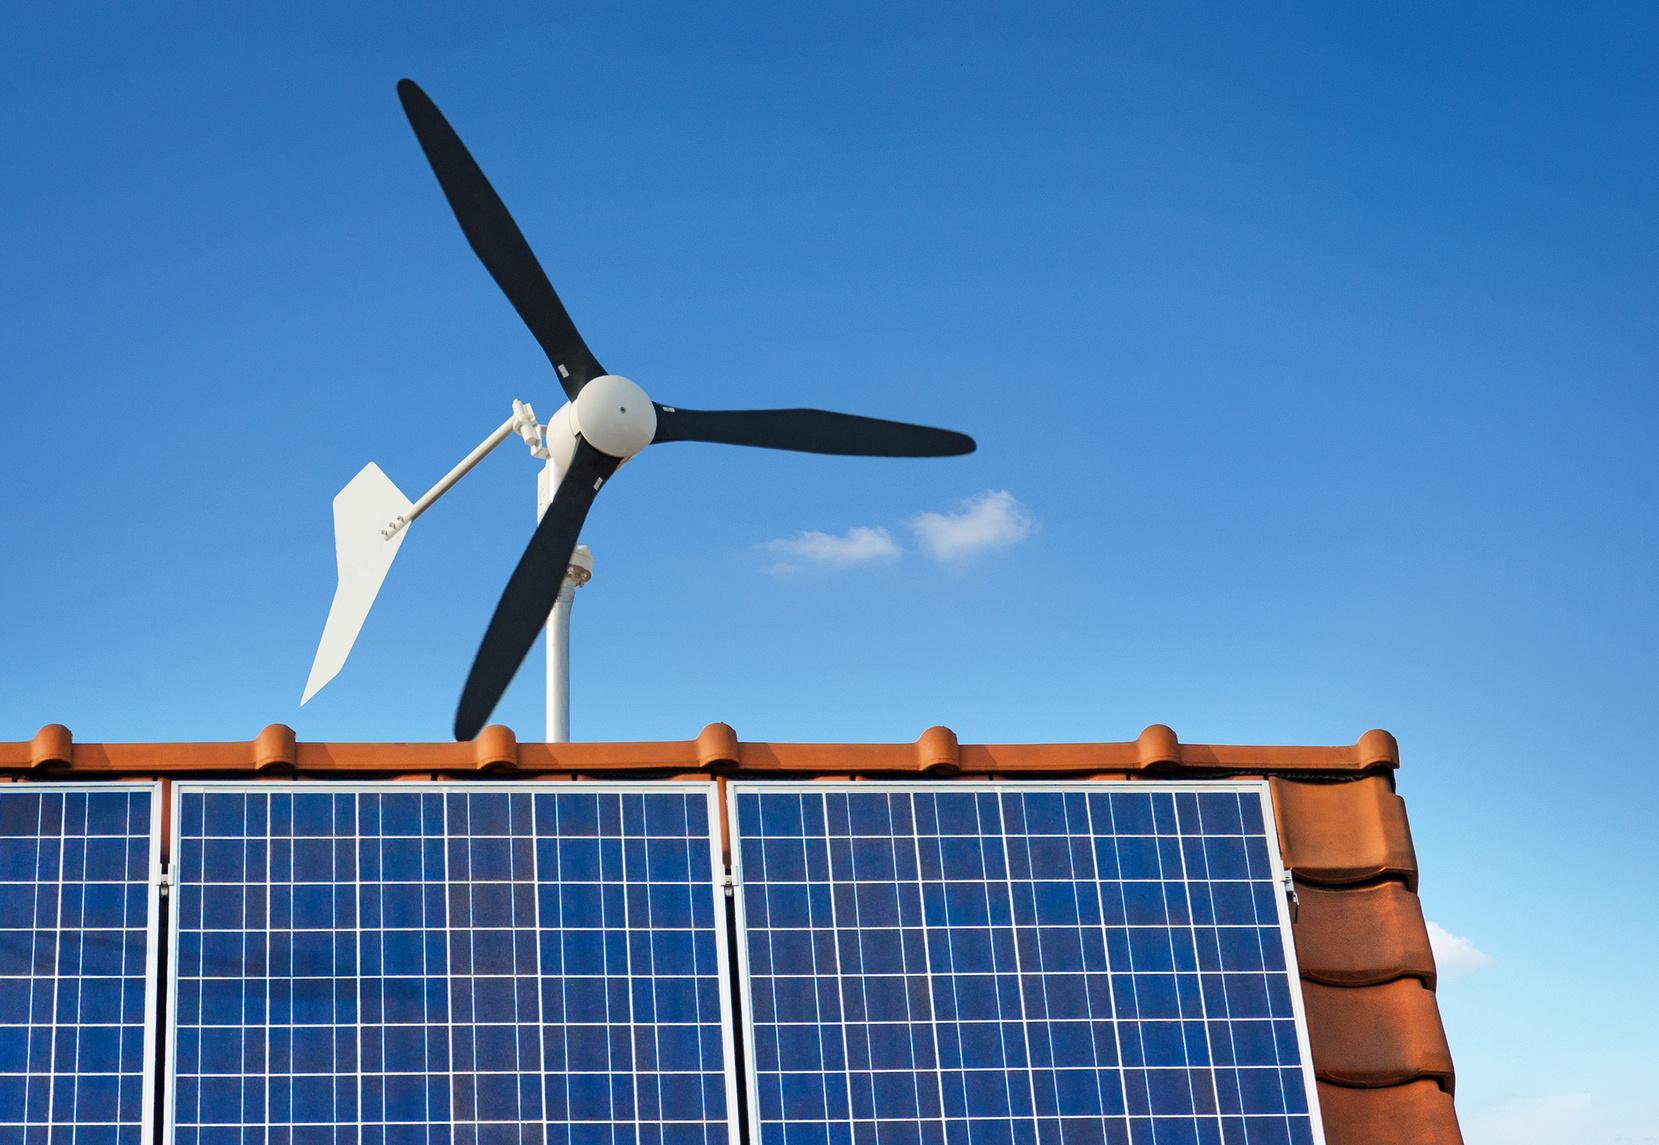 Éolienne toit maison